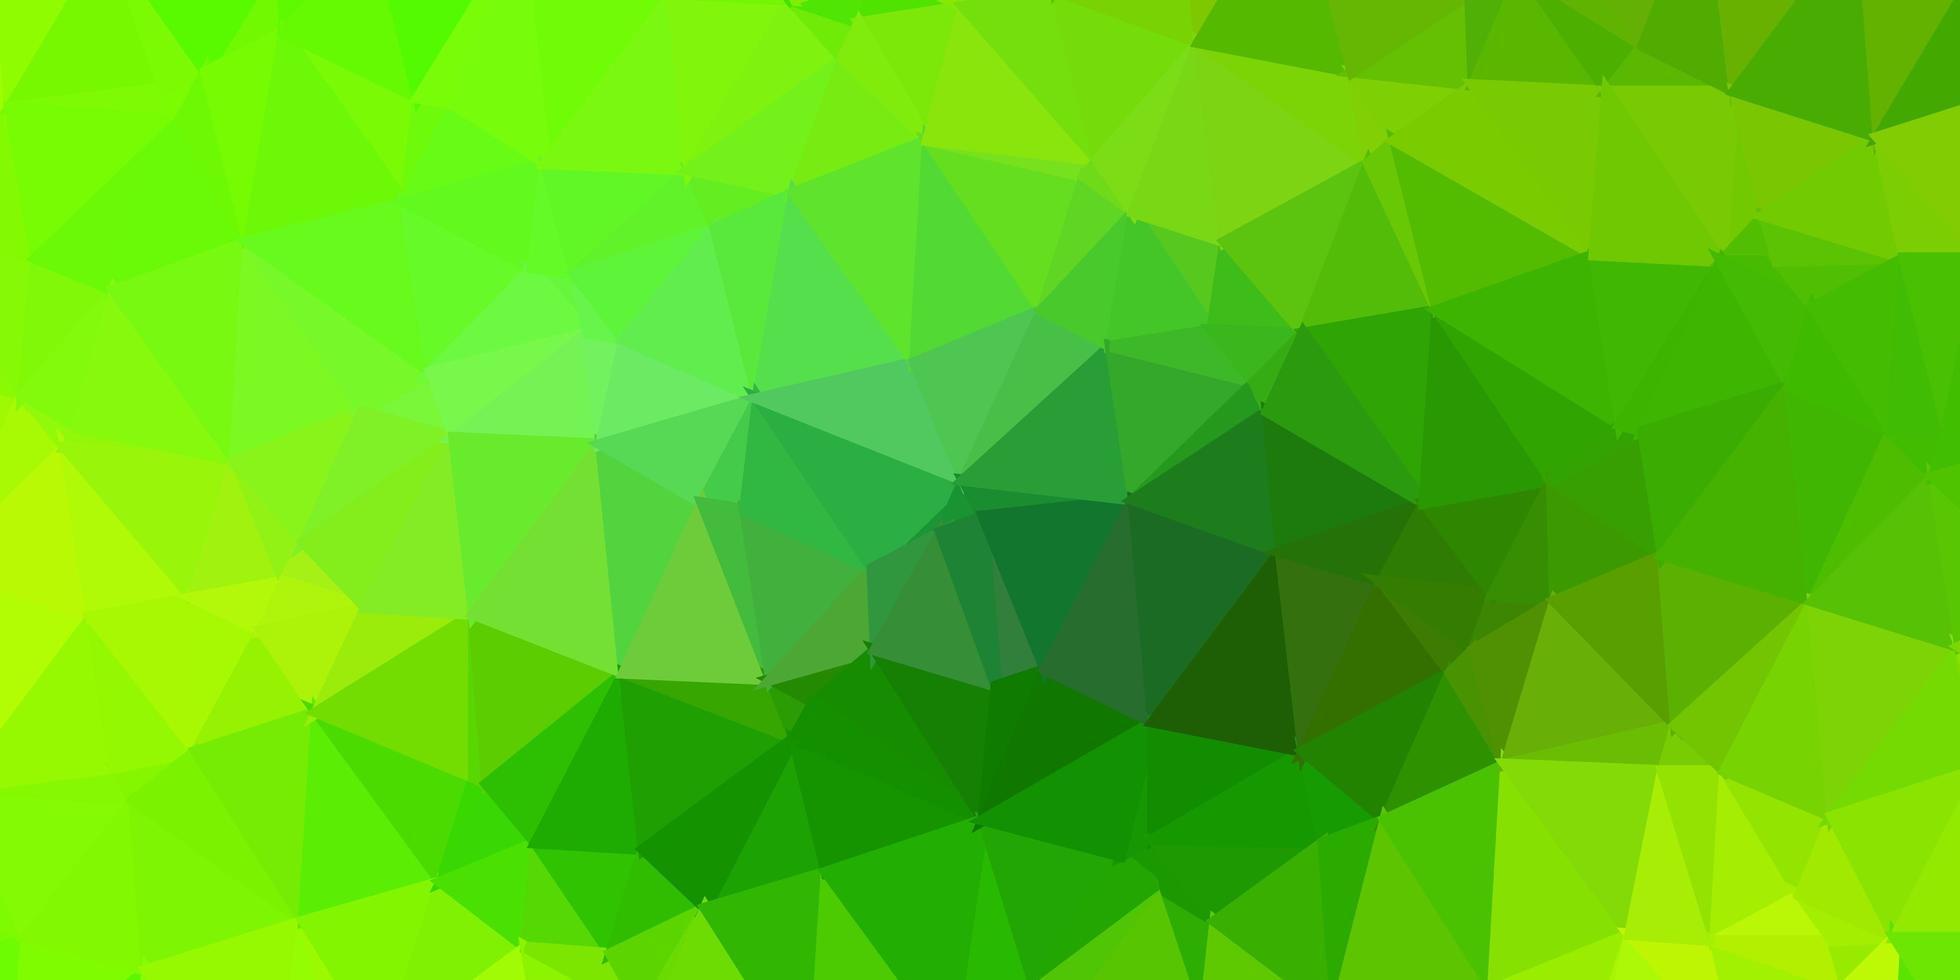 lichtgroen, geel vector driehoek mozaïek patroon.